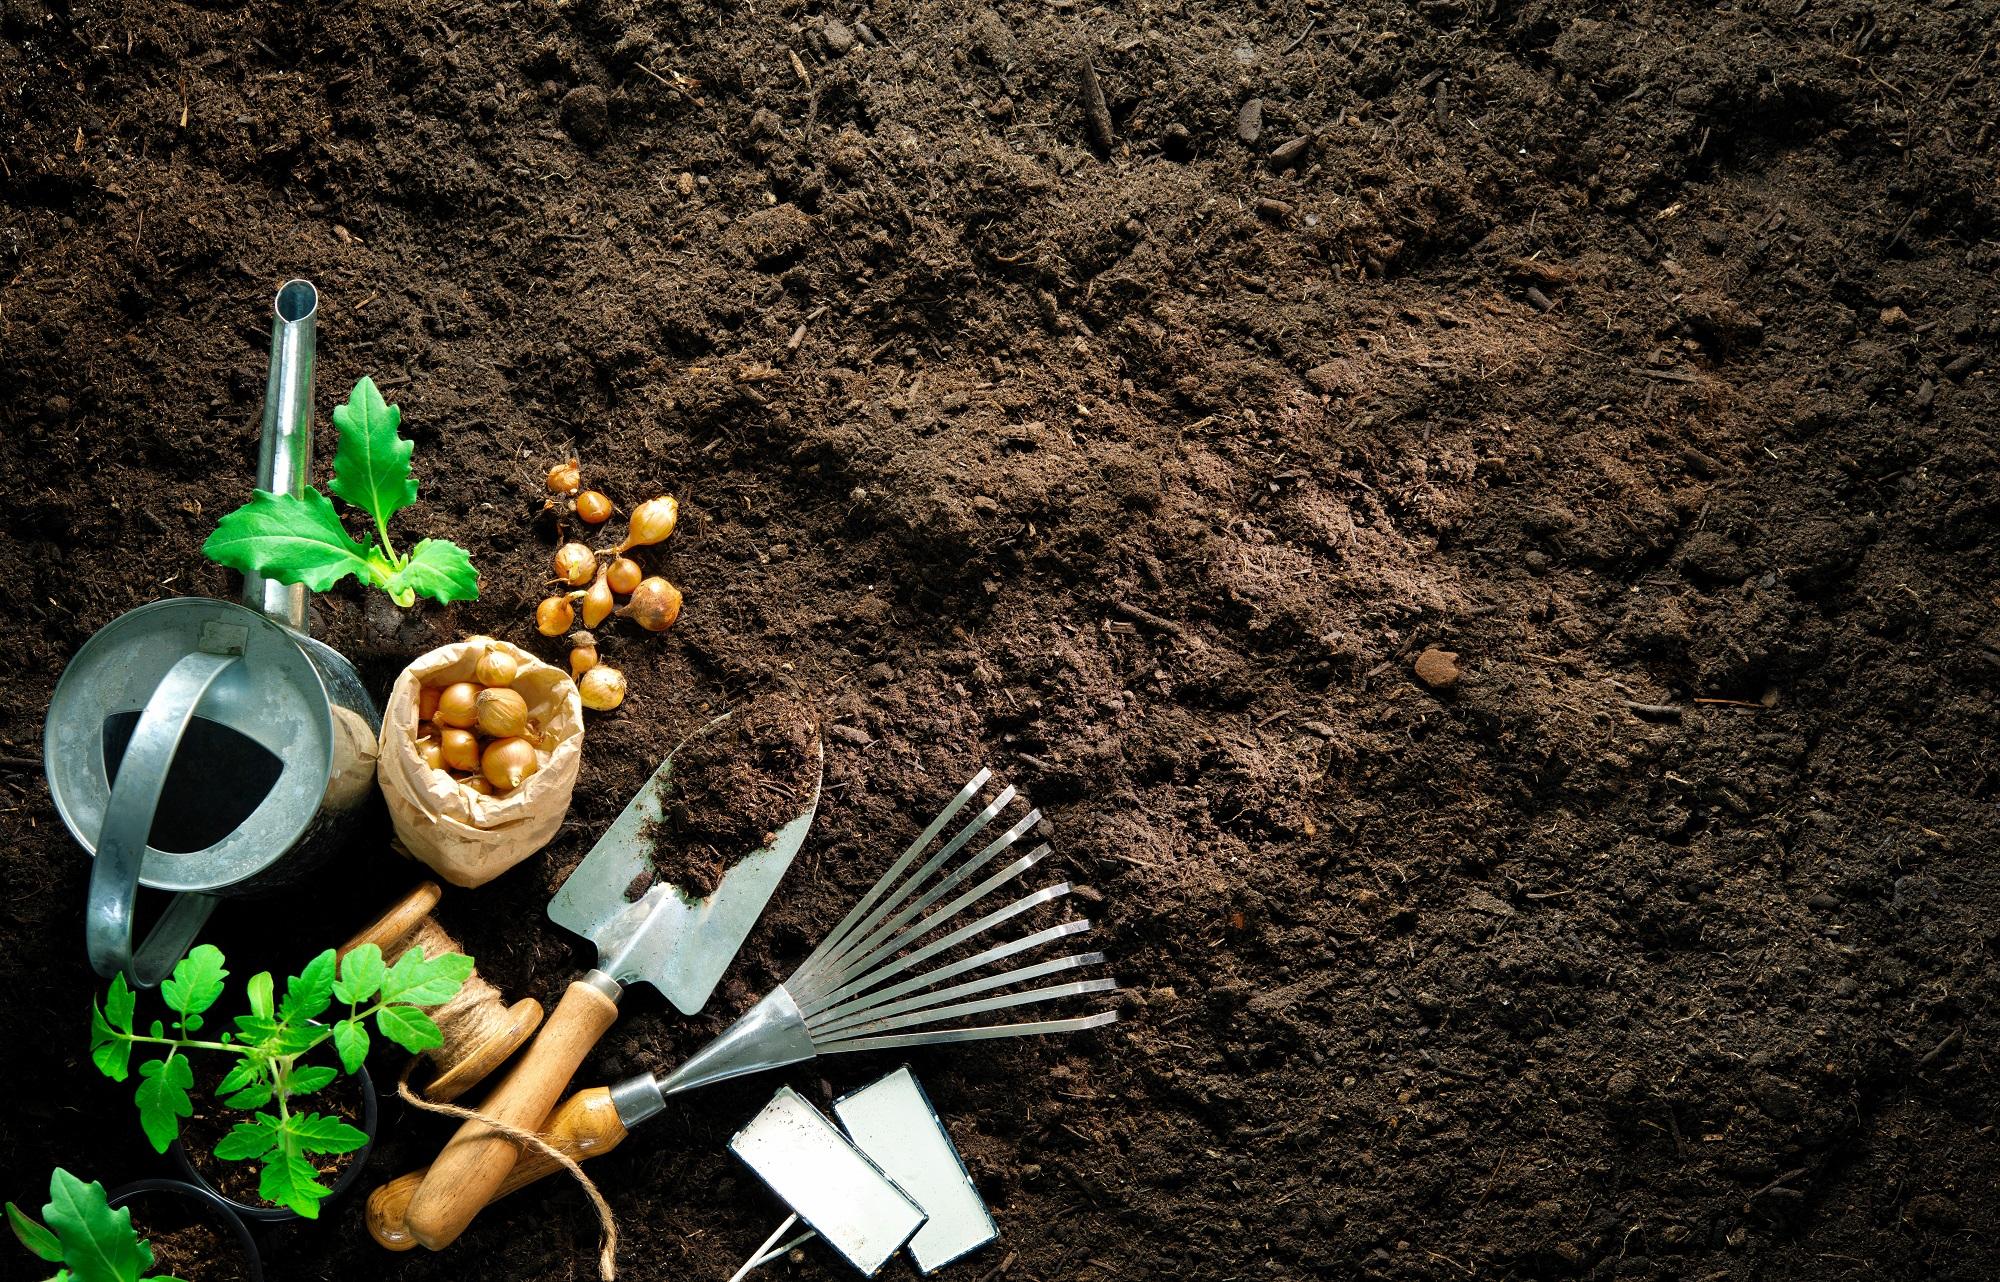 Les 10 outils de jardinage indispensables